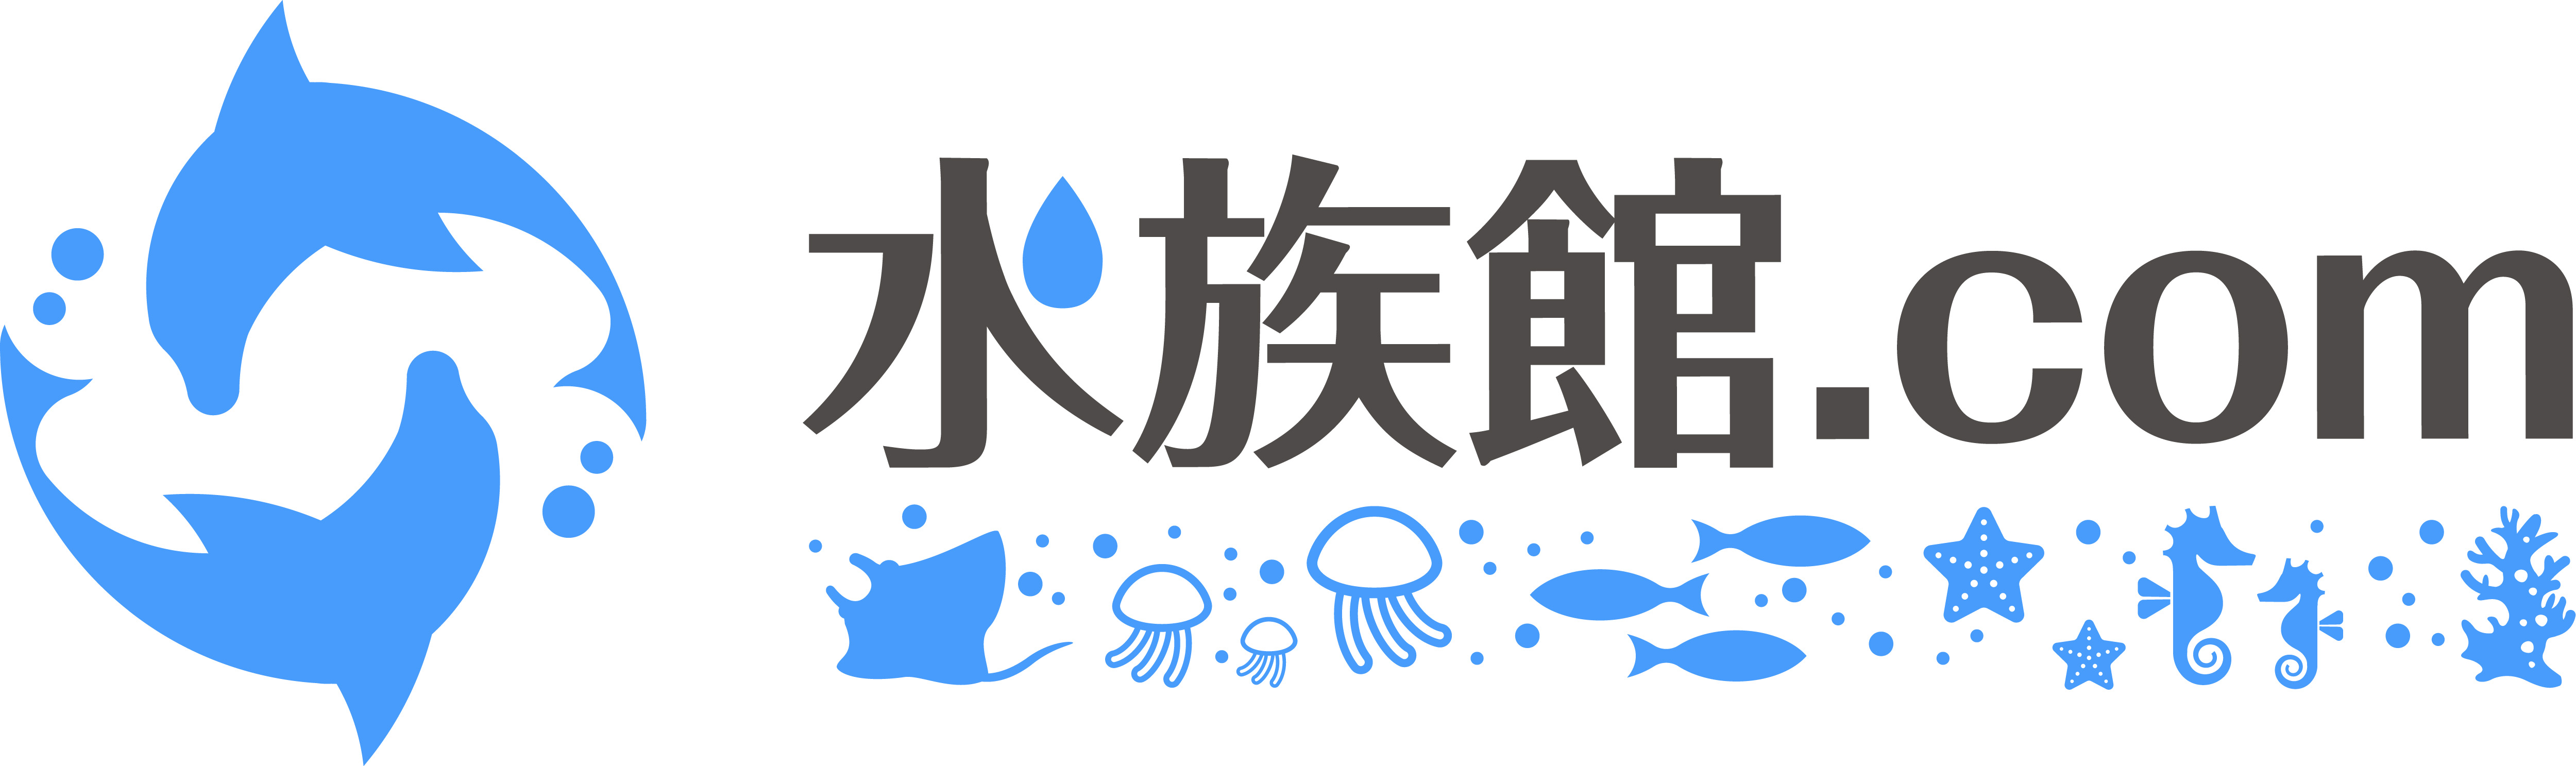 水族館.com